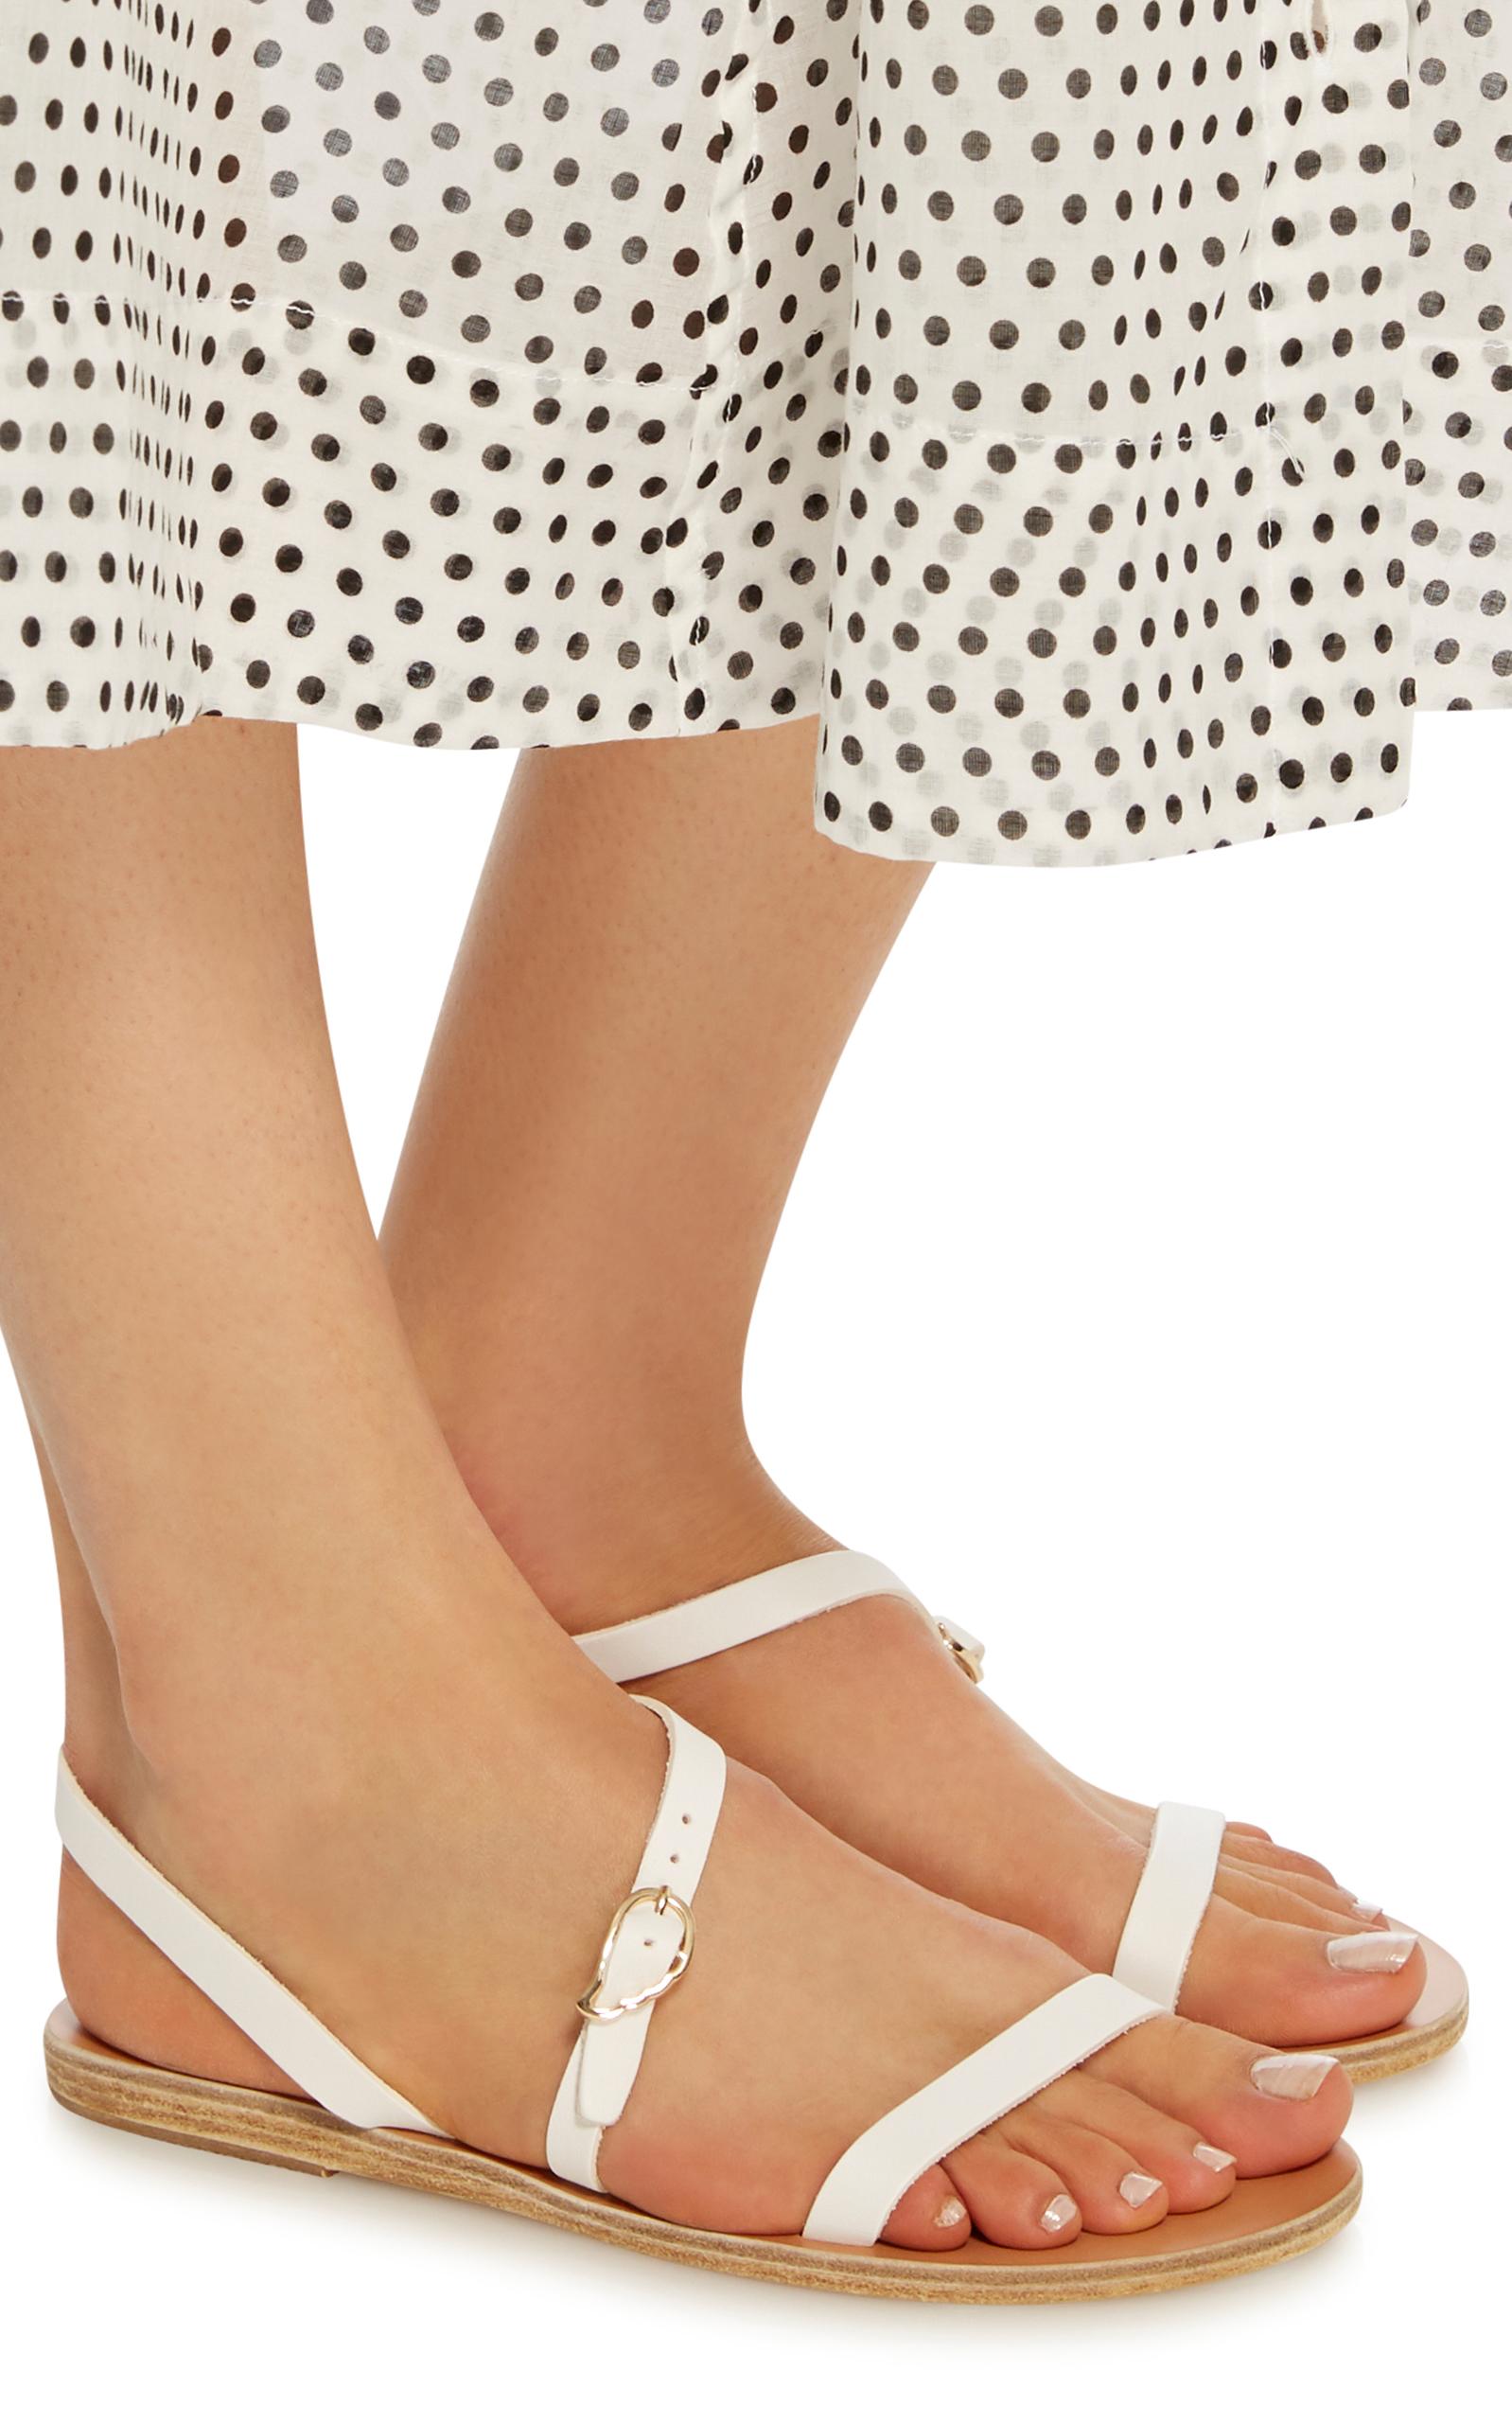 Sandales En Cuir Niové - Blanc Antique Sandales Grecques WBaPC